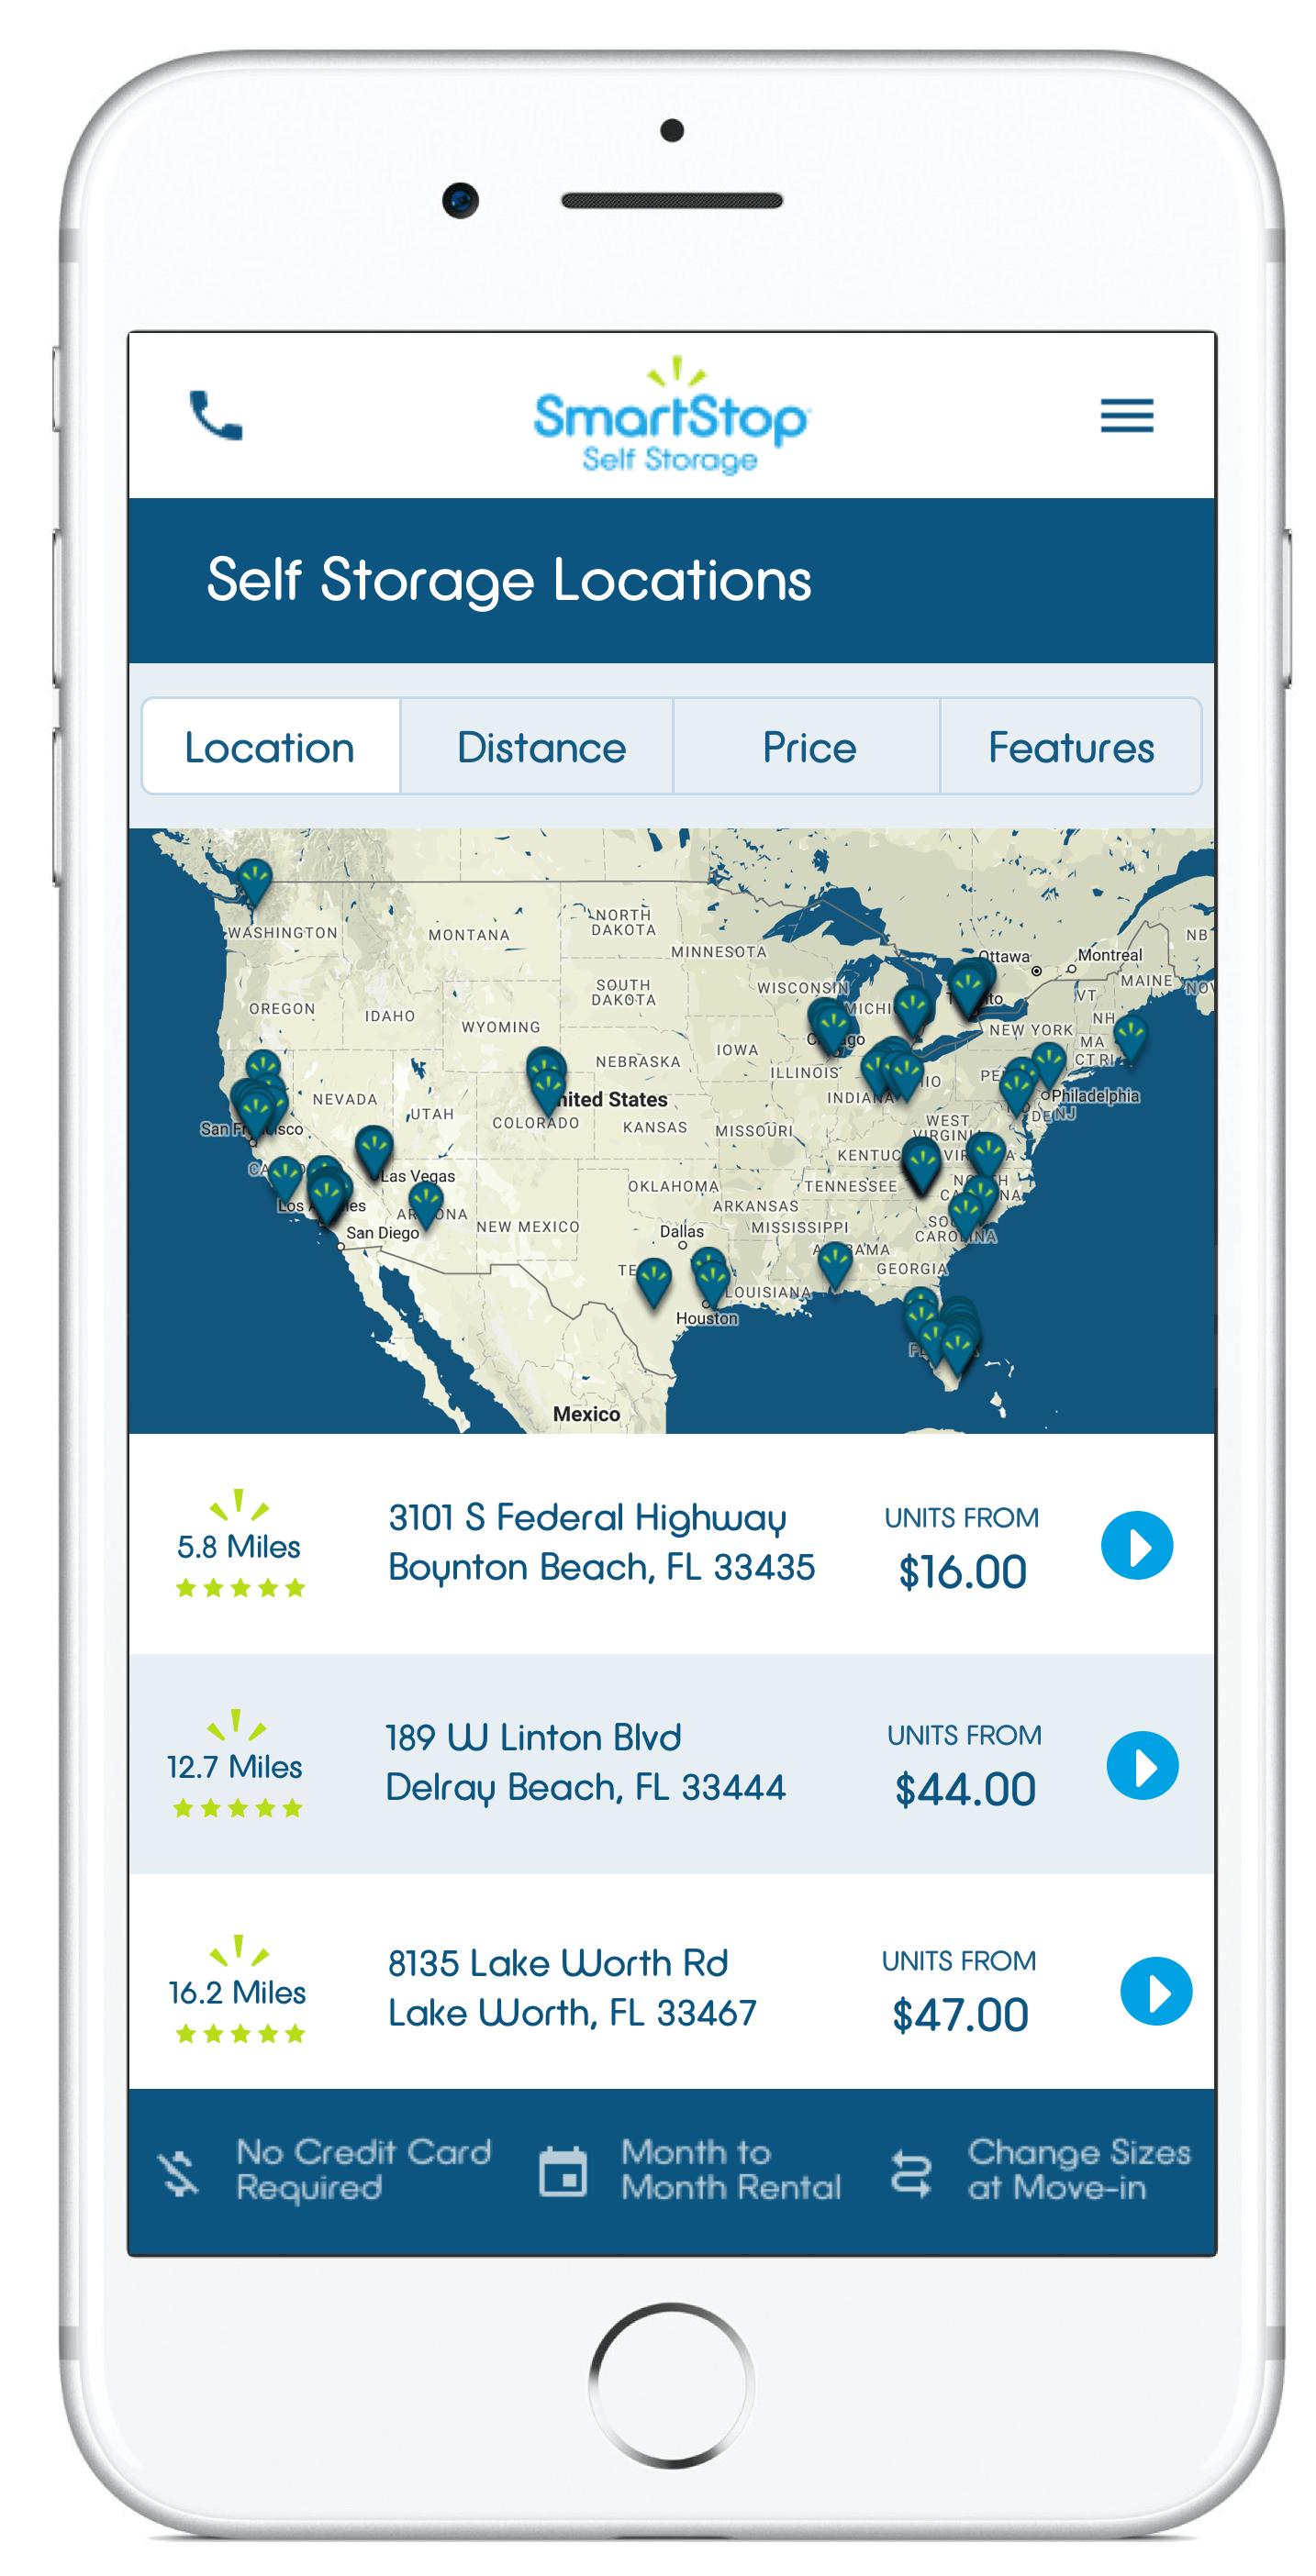 Self-Storage-Units-Mobile-Website-Design-SmartStop-005.png